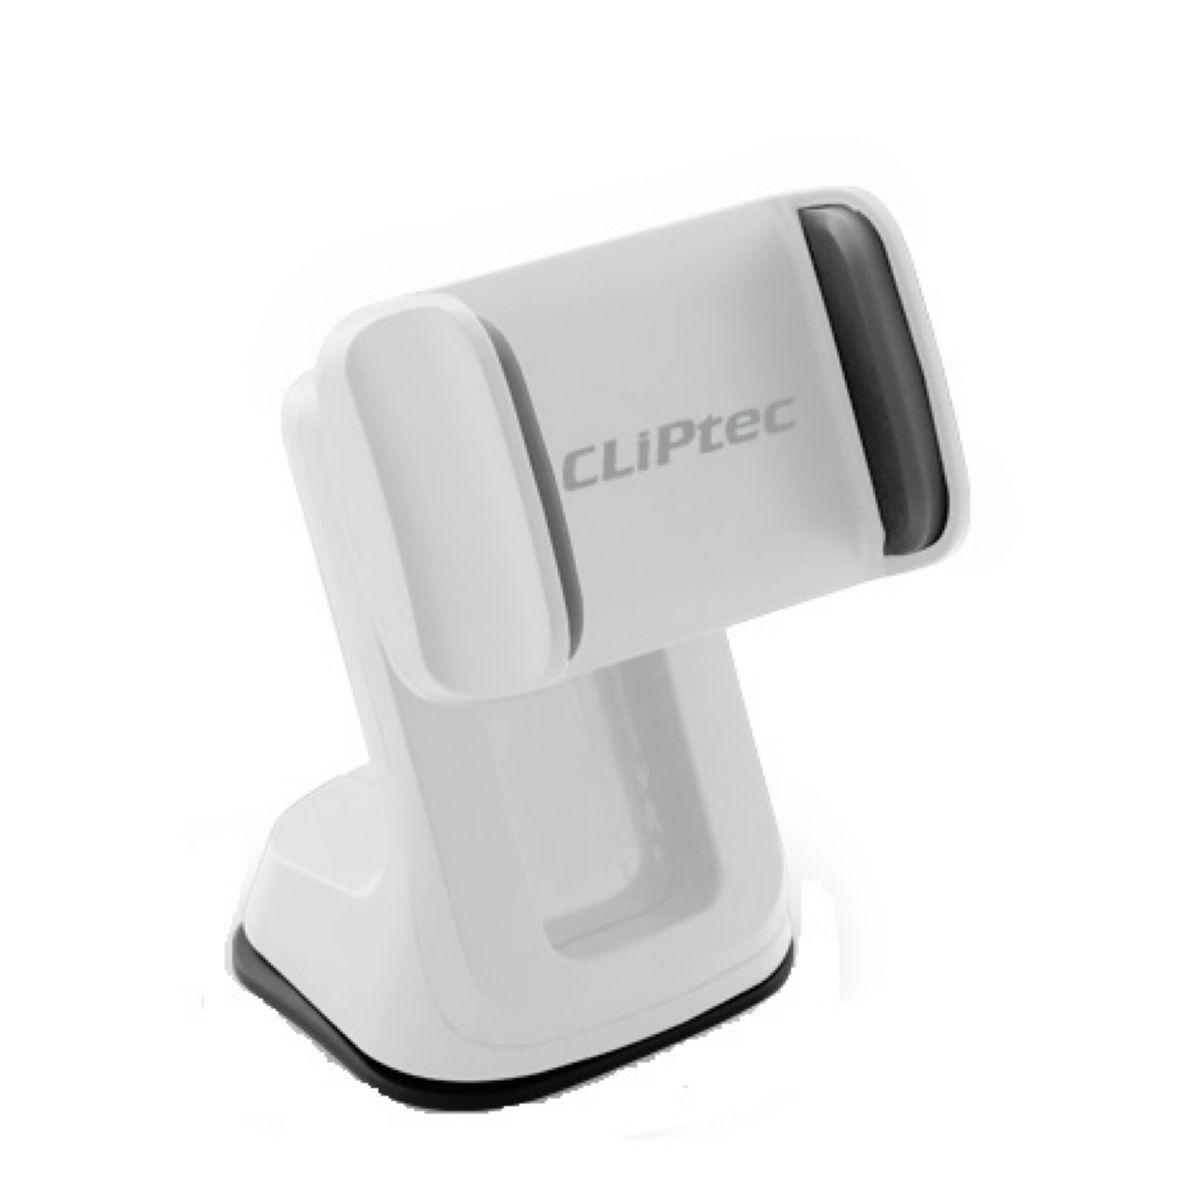 Soporte para celular Cliptec 311 Blanco | Thot Computación